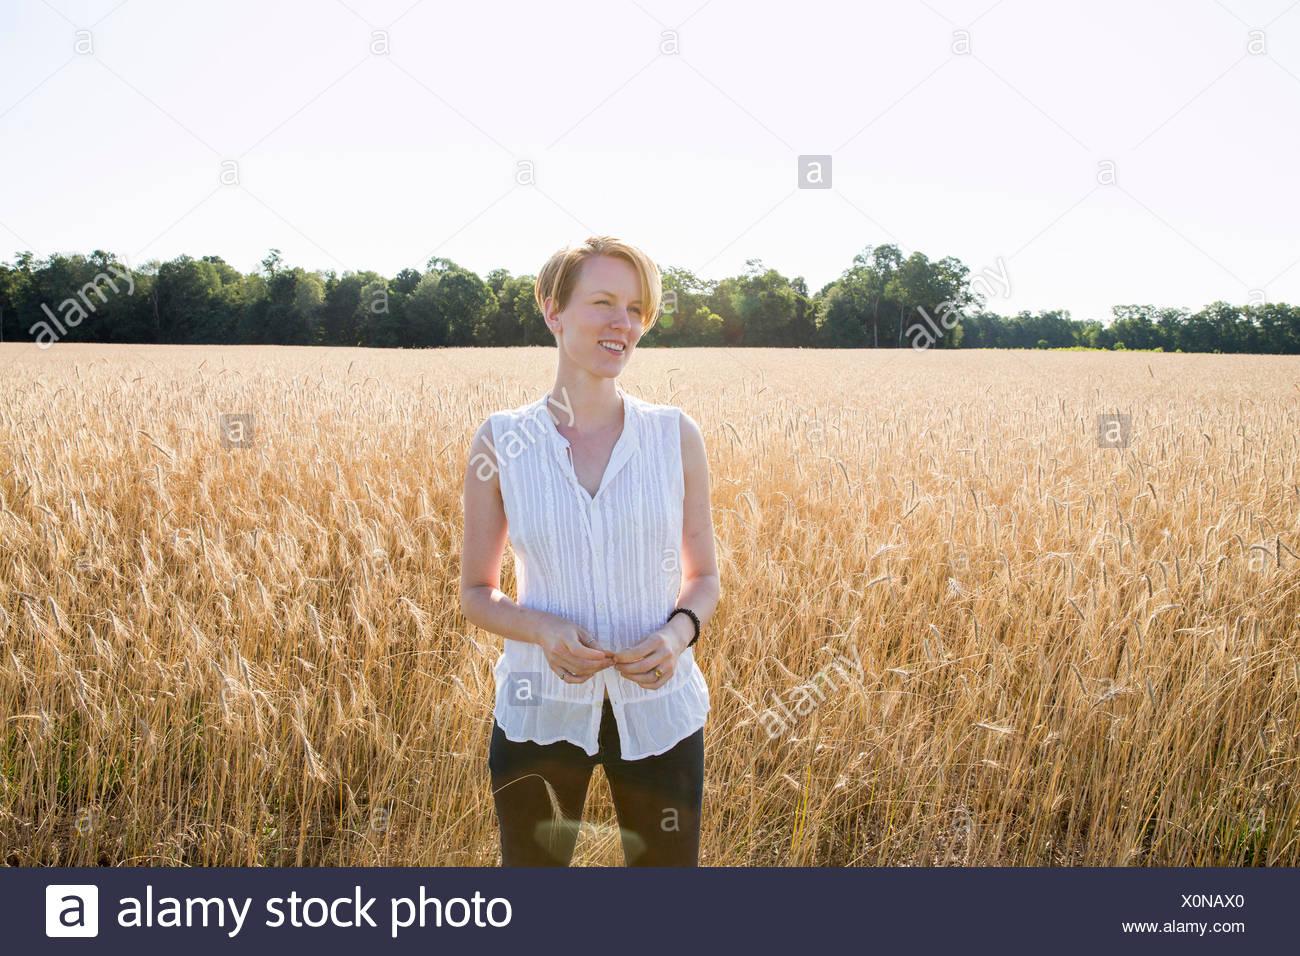 Demi-longueur portrait d'une jeune femme debout dans un champ de maïs. Photo Stock